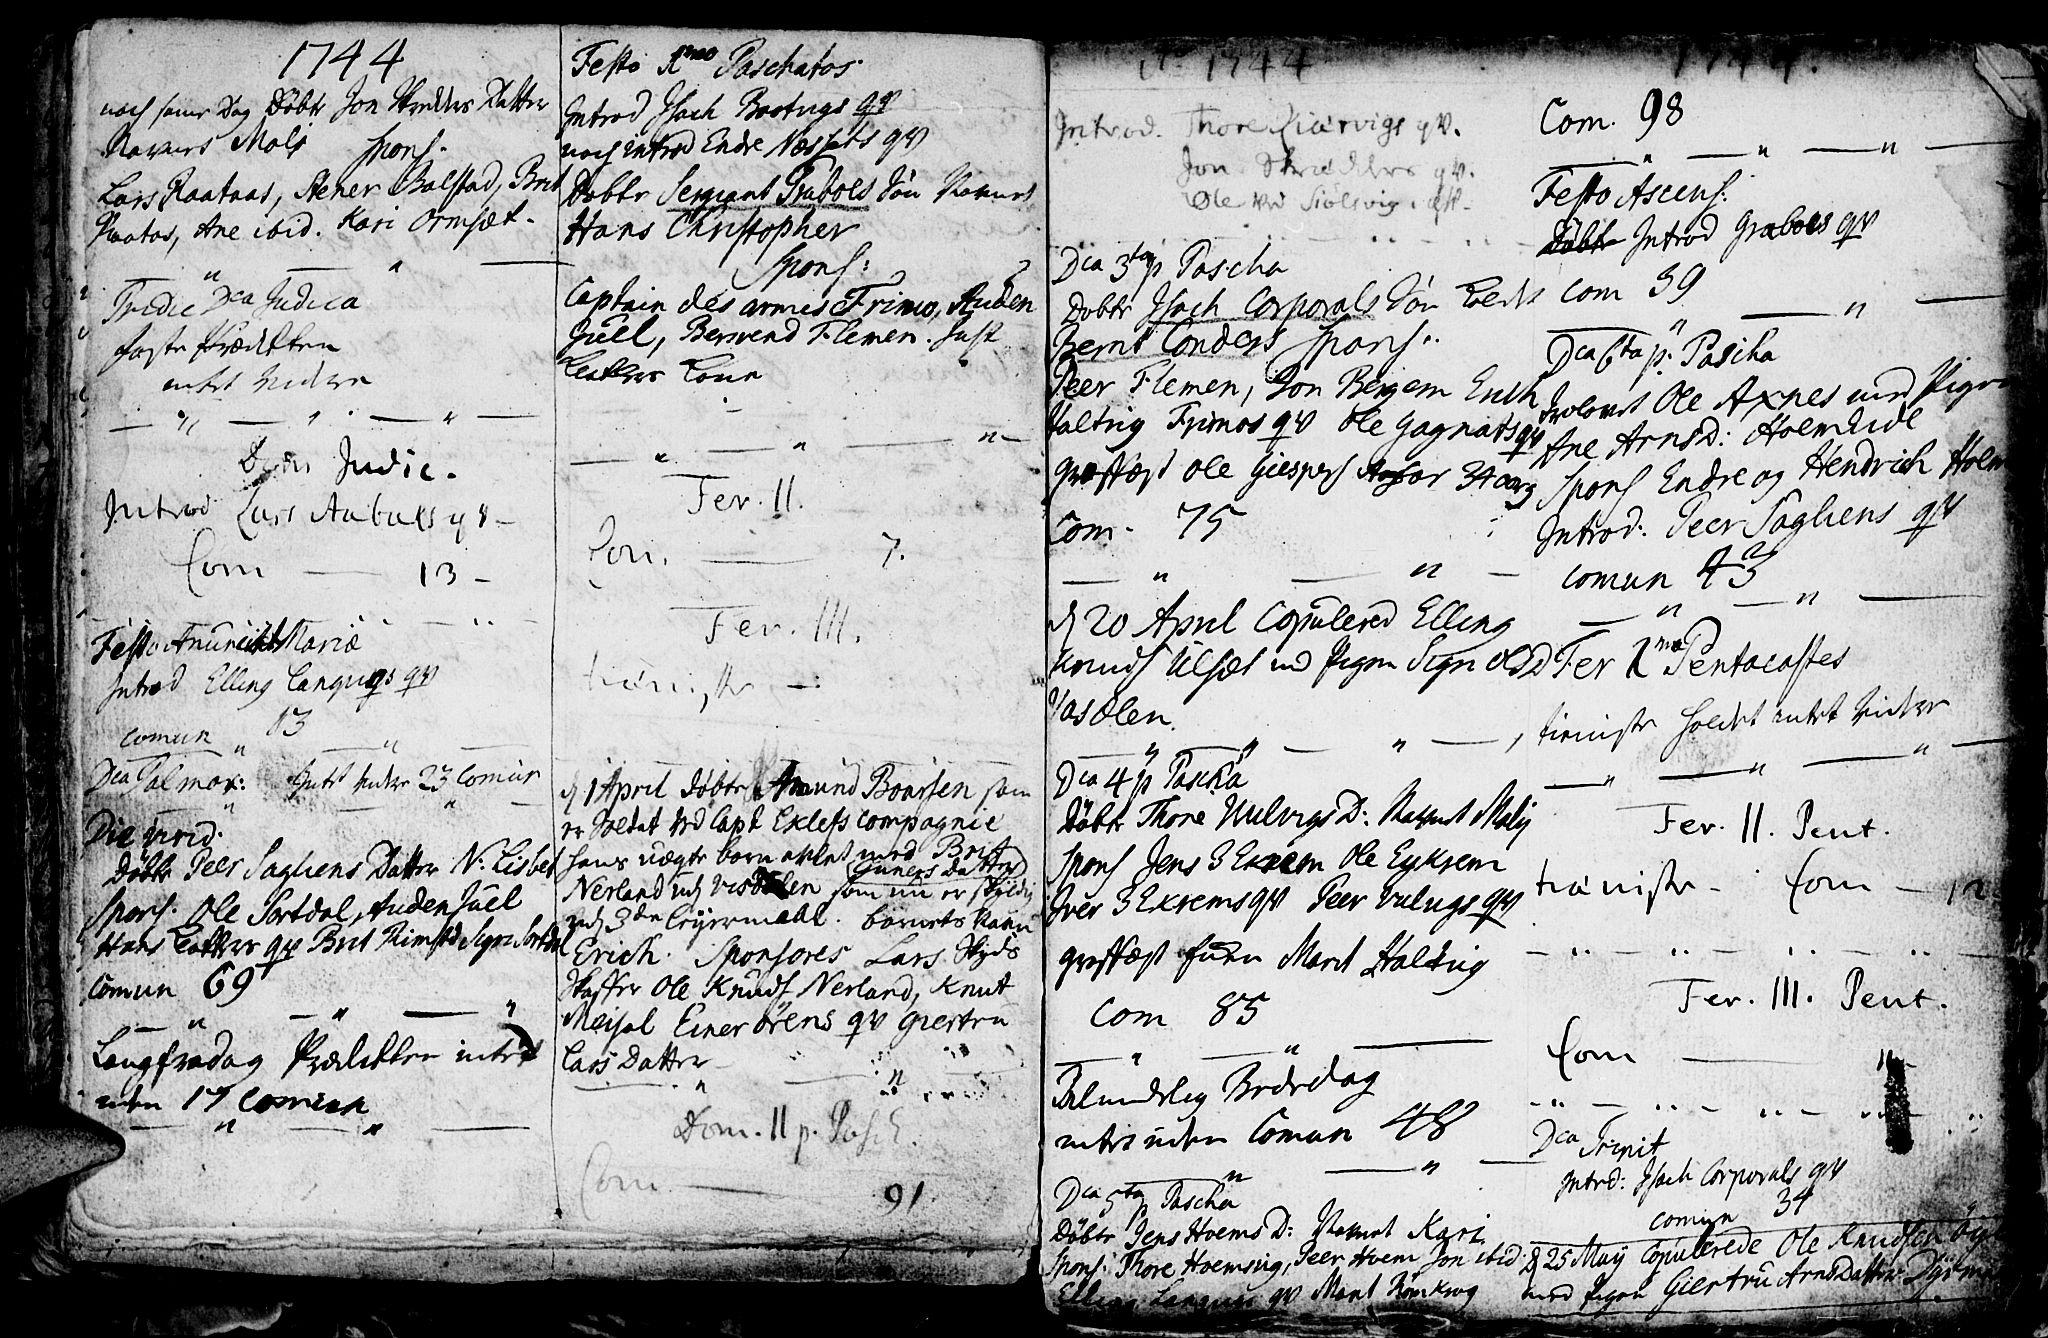 SAT, Ministerialprotokoller, klokkerbøker og fødselsregistre - Møre og Romsdal, 586/L0978: Ministerialbok nr. 586A04, 1732-1751